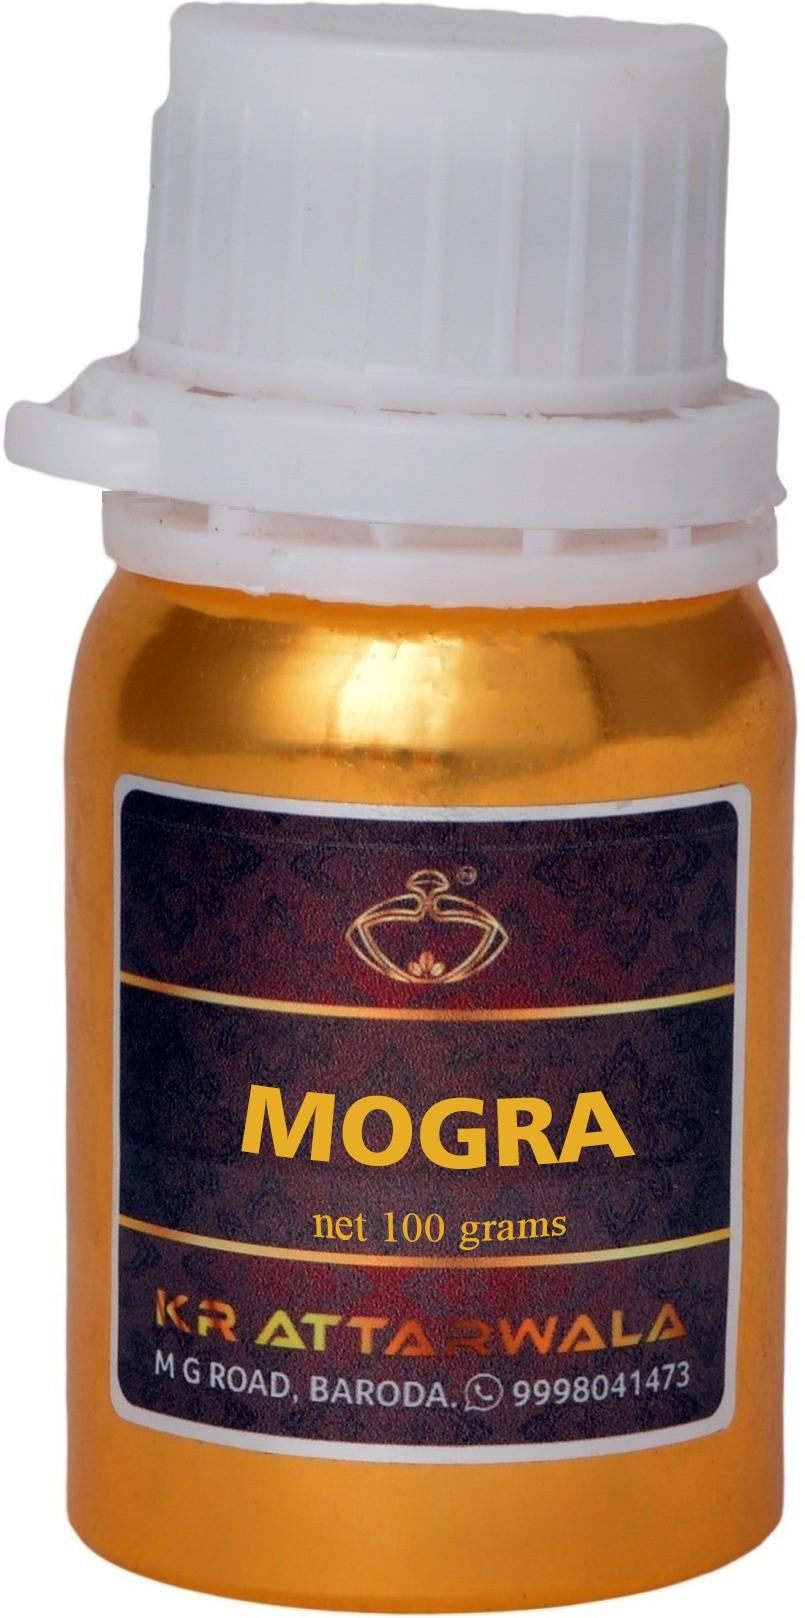 Kr Attarwala 1240 Herbal Attar(Mogra)